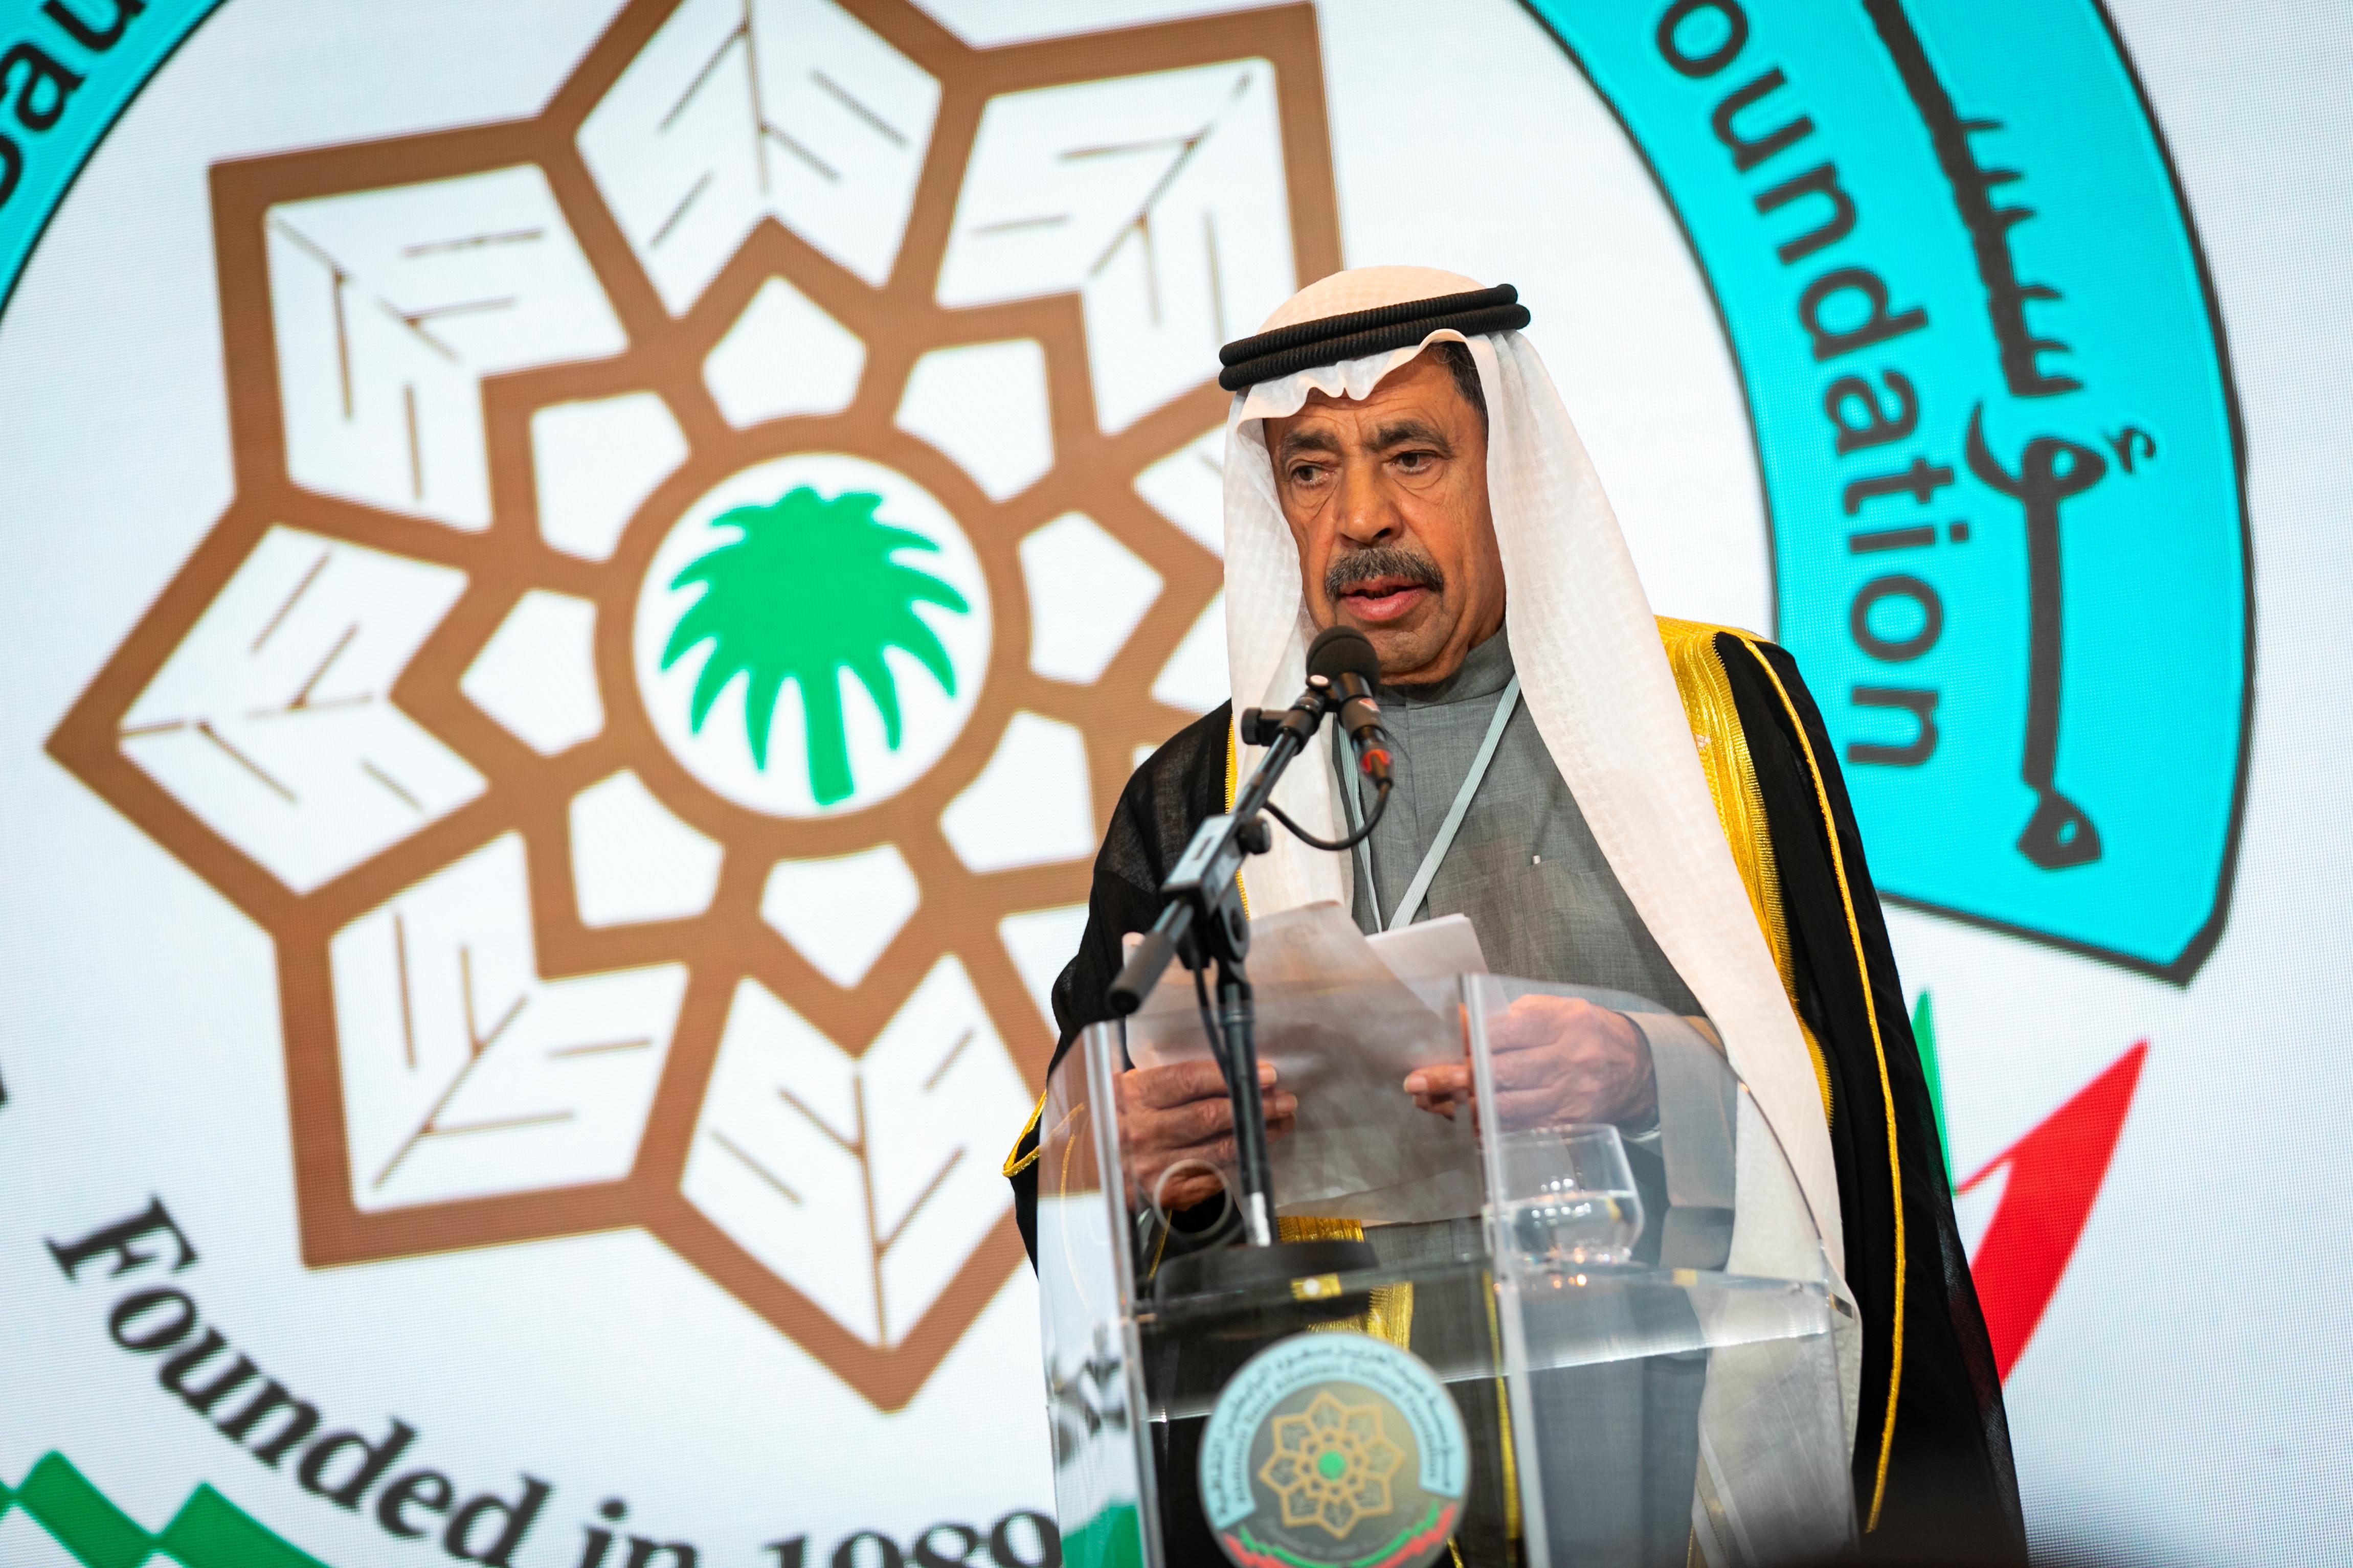 المنتدى العالمي لثقافة السلام